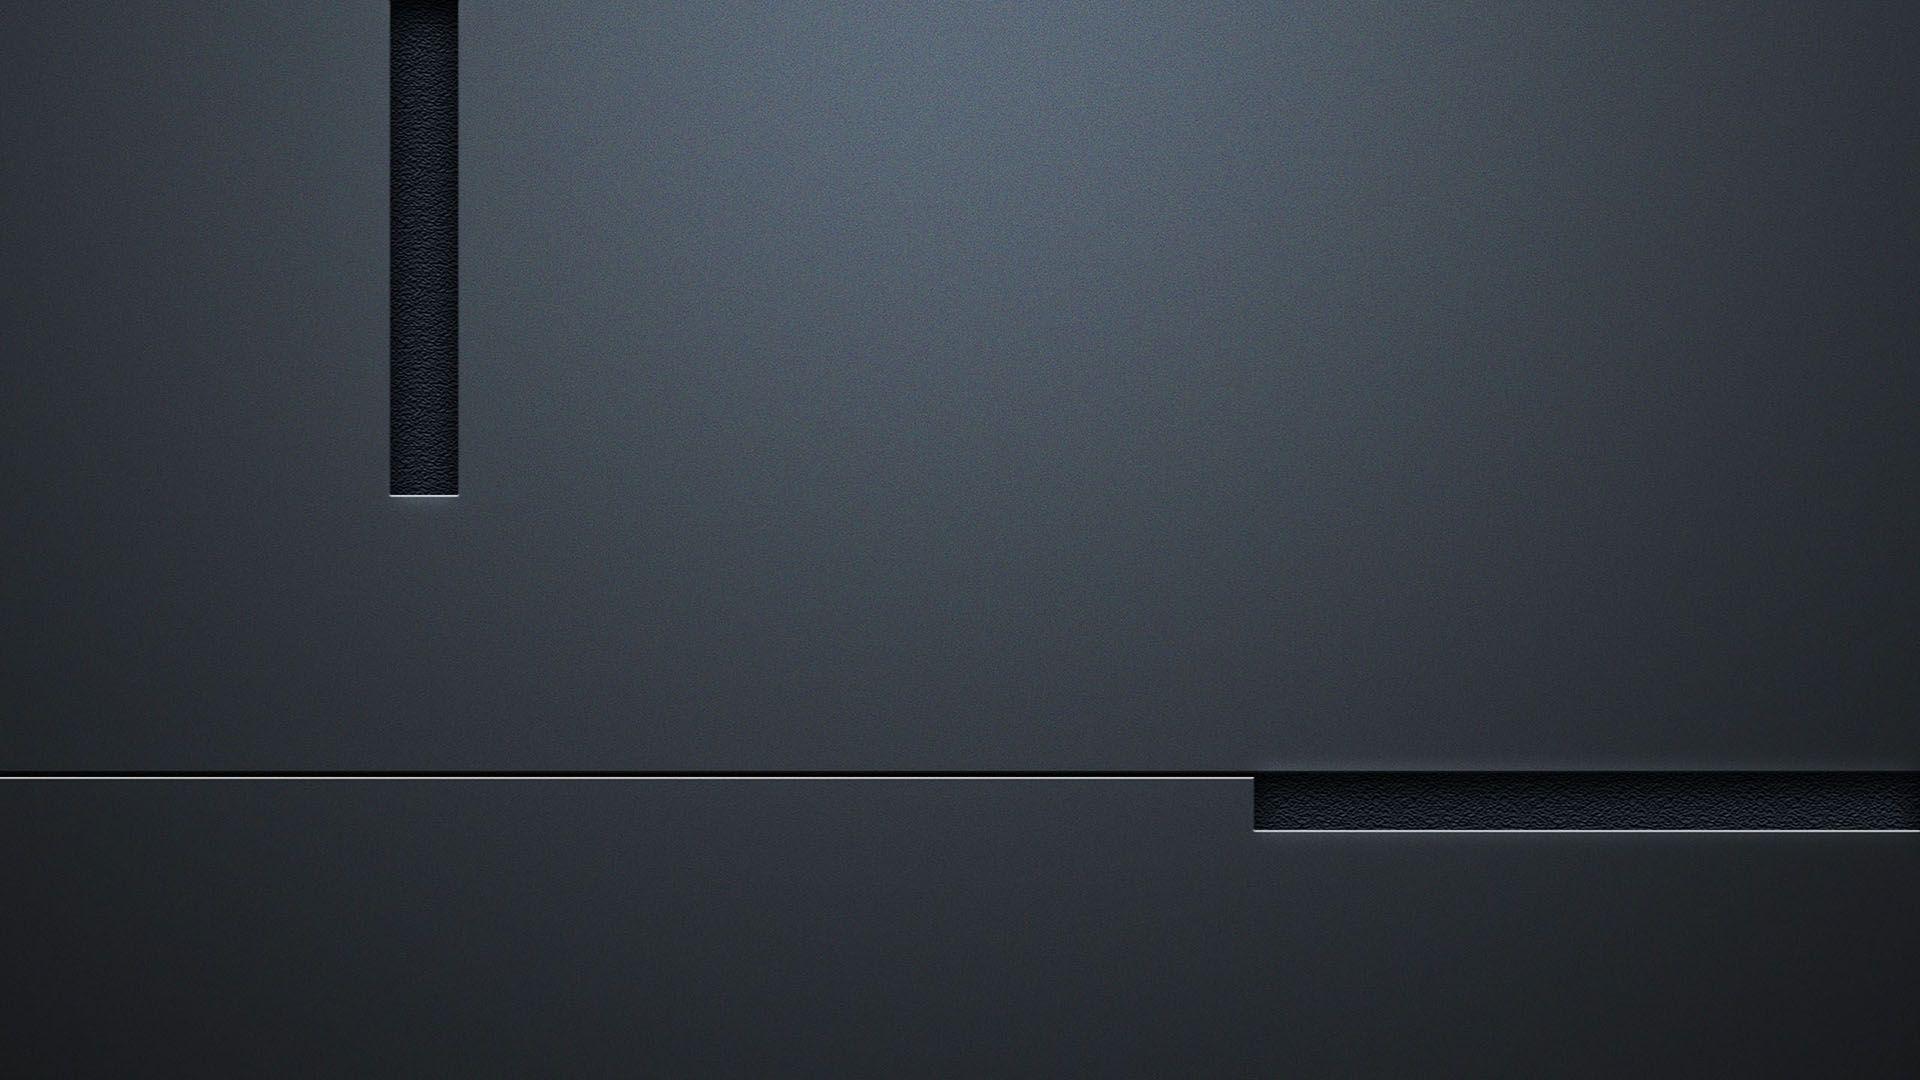 Leather HD Wallpaper FullHDWpp   Full HD Wallpapers 1920x1080 1920x1080